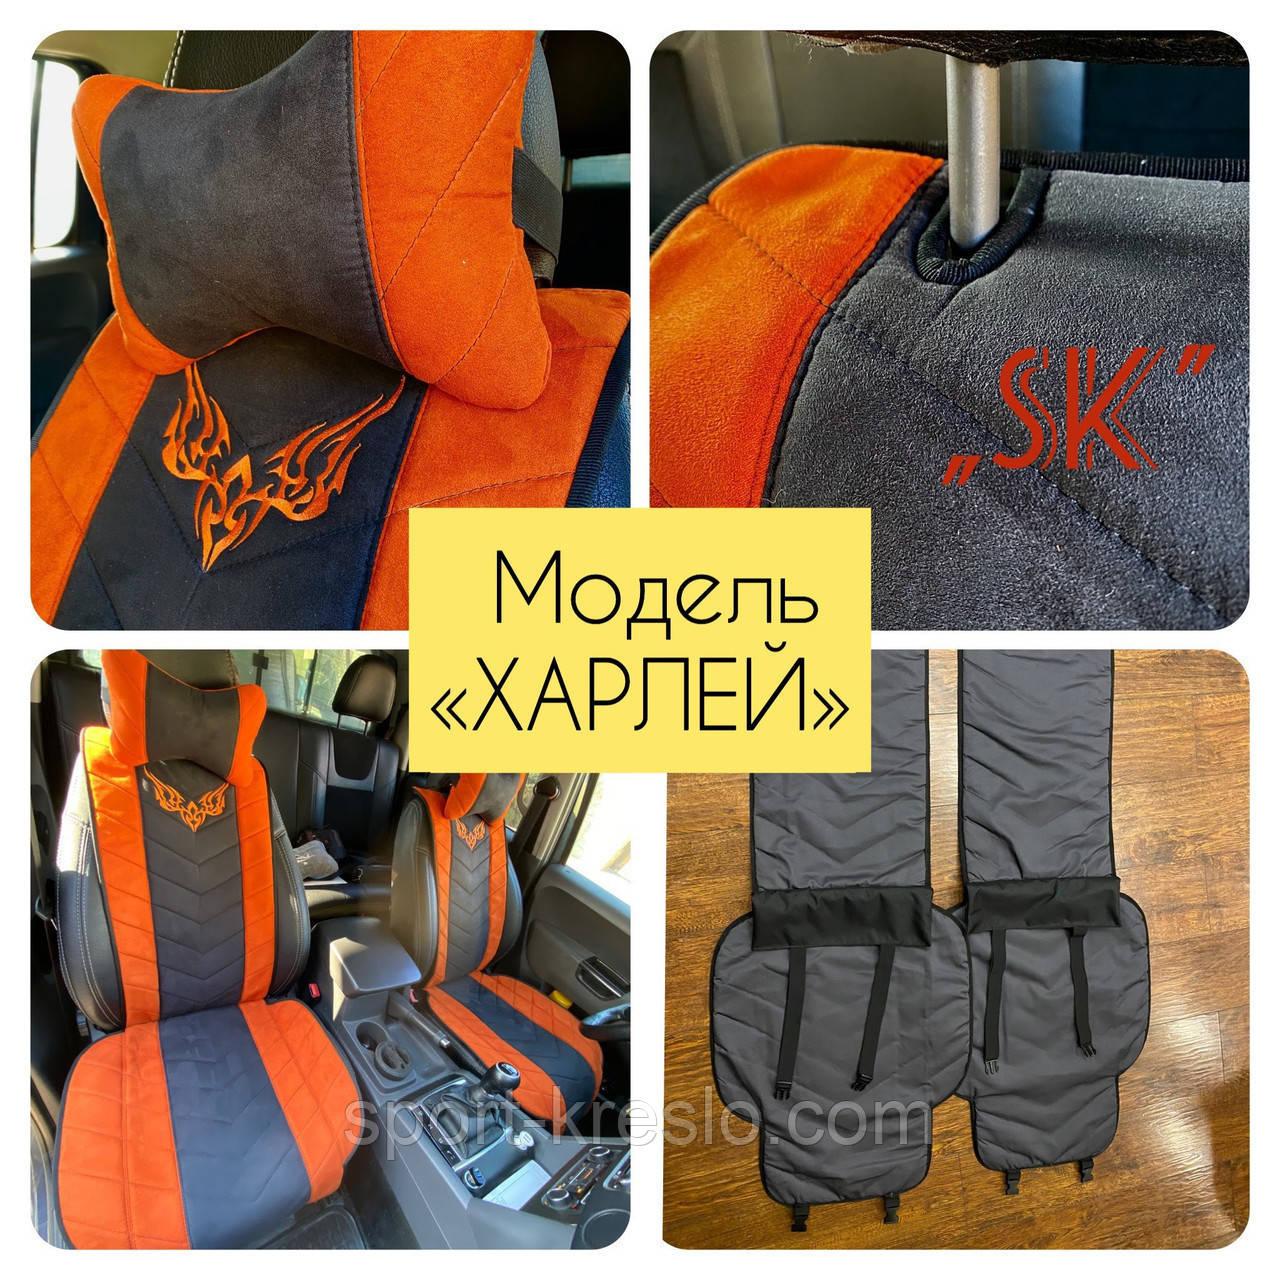 Накидки на сиденья авто универсальные с индивидуальной вышивкой